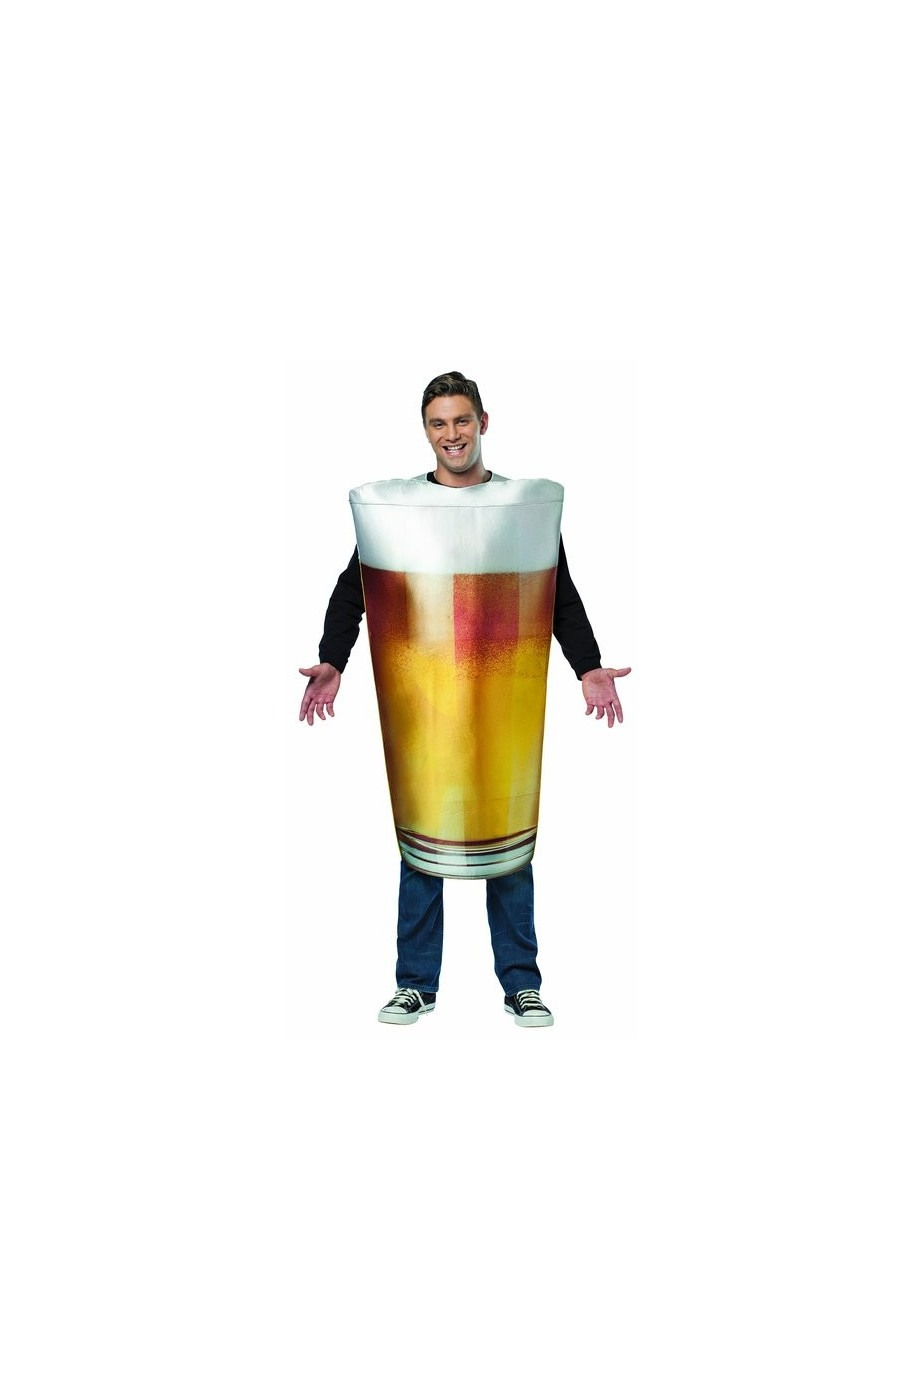 Costume bicchiere o pinta di birra